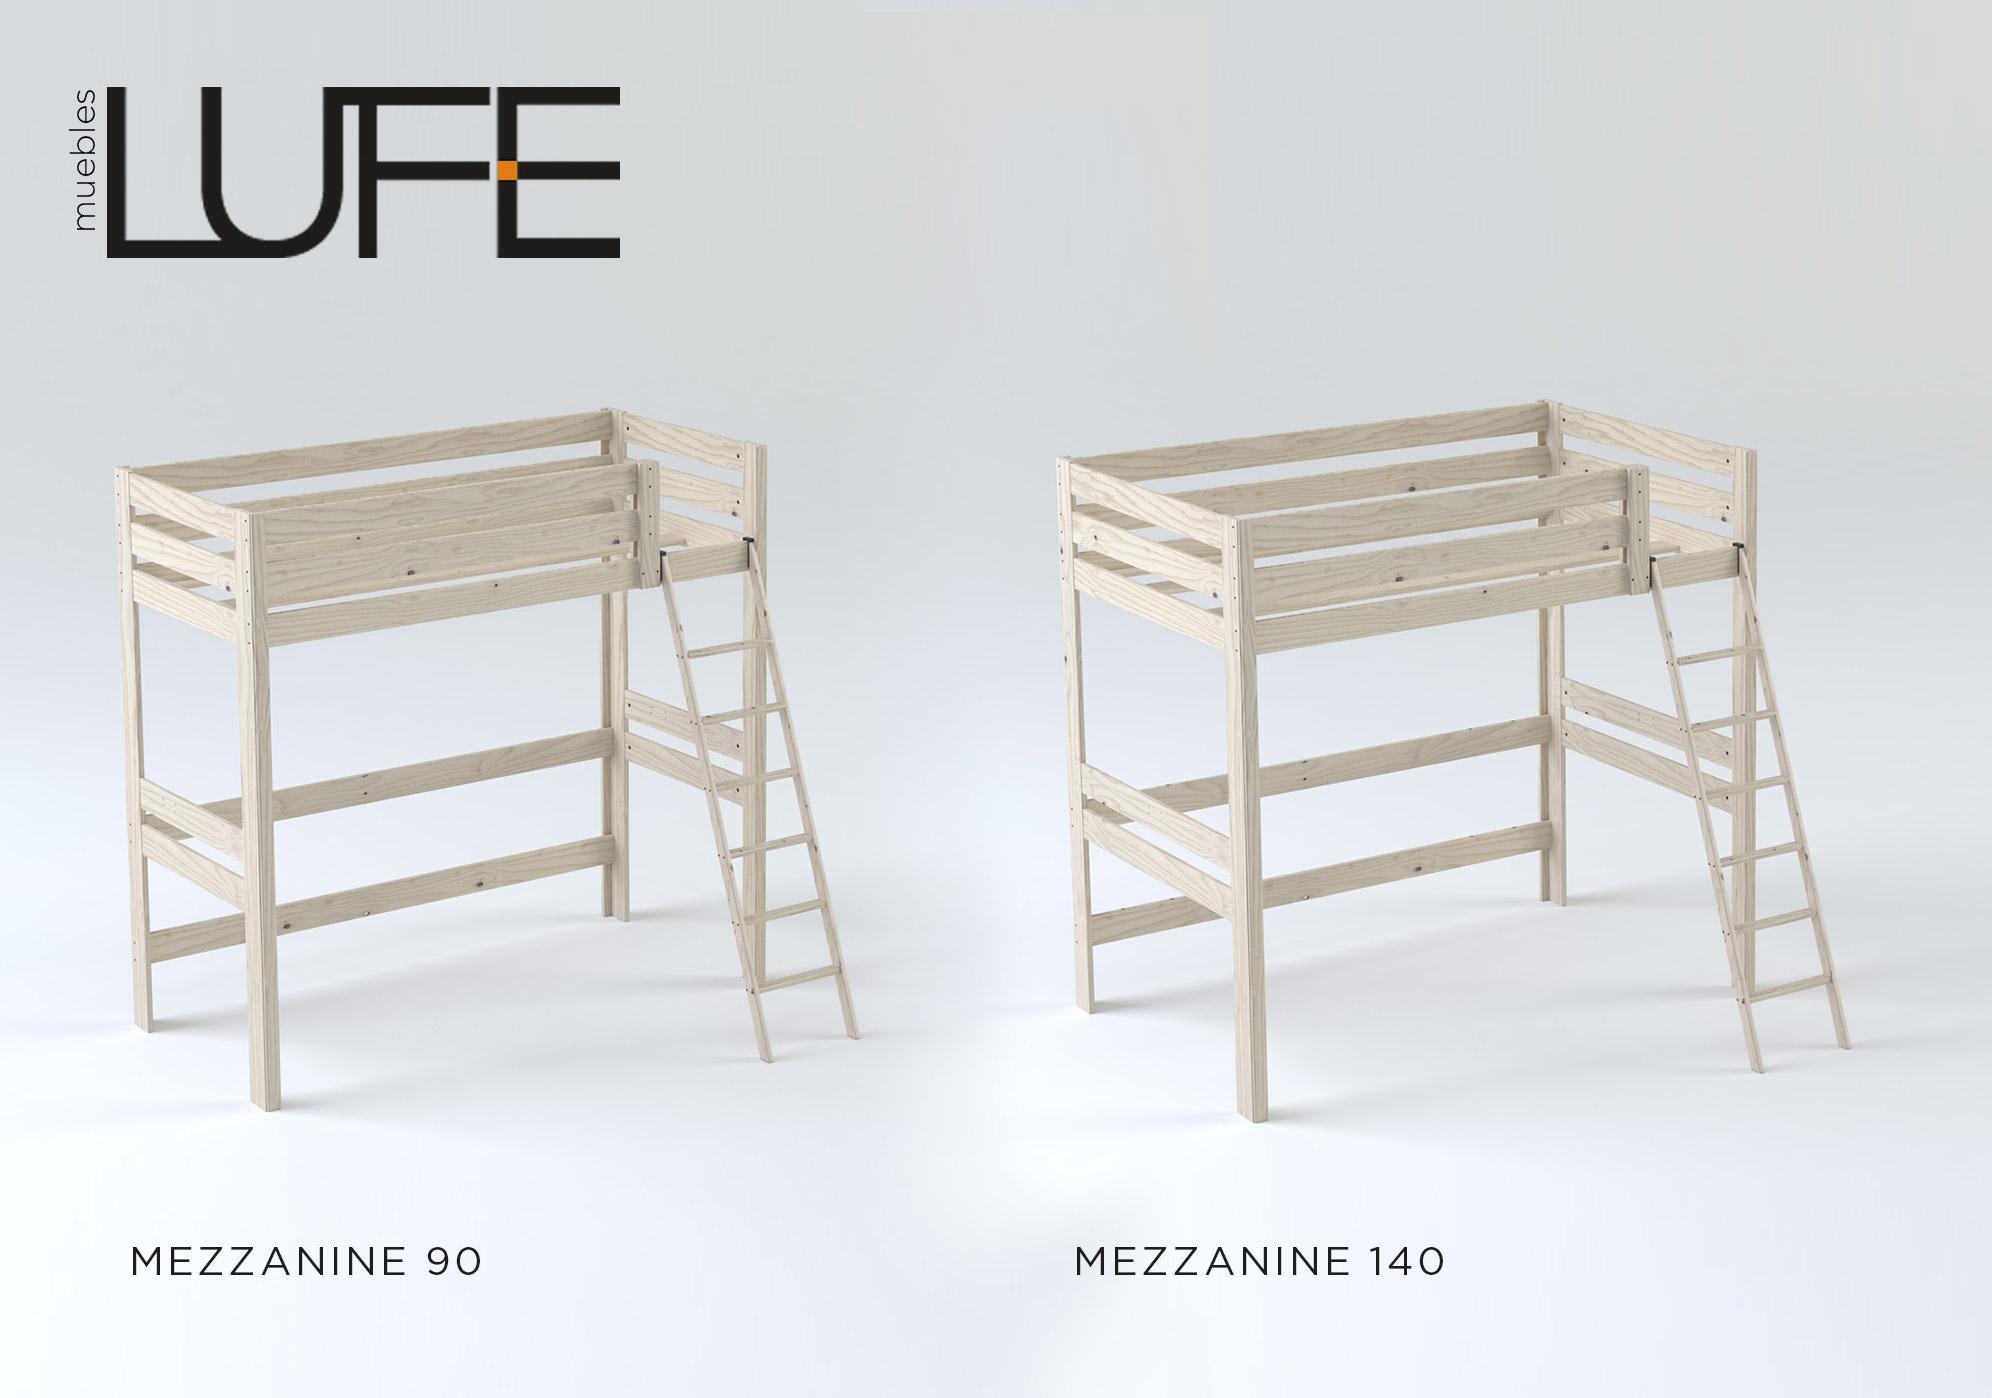 Muebles lufe cama nido obtenga ideas dise o de muebles para su hogar aqu - Muebles lufe catalogo ...